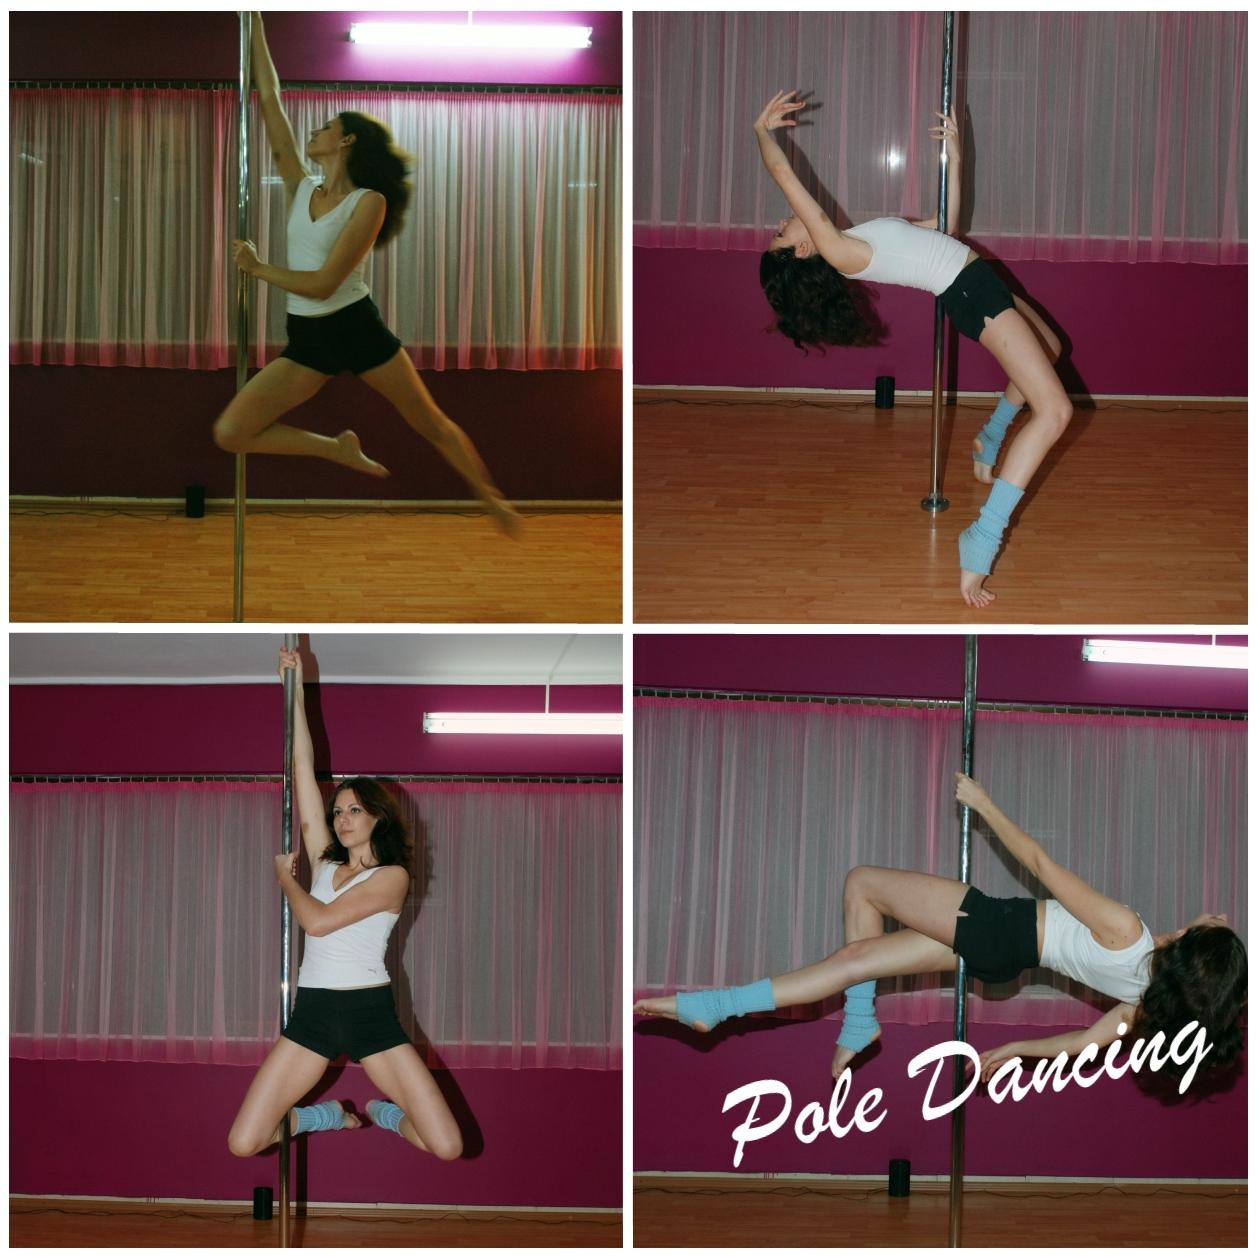 1 | Pole Dancing